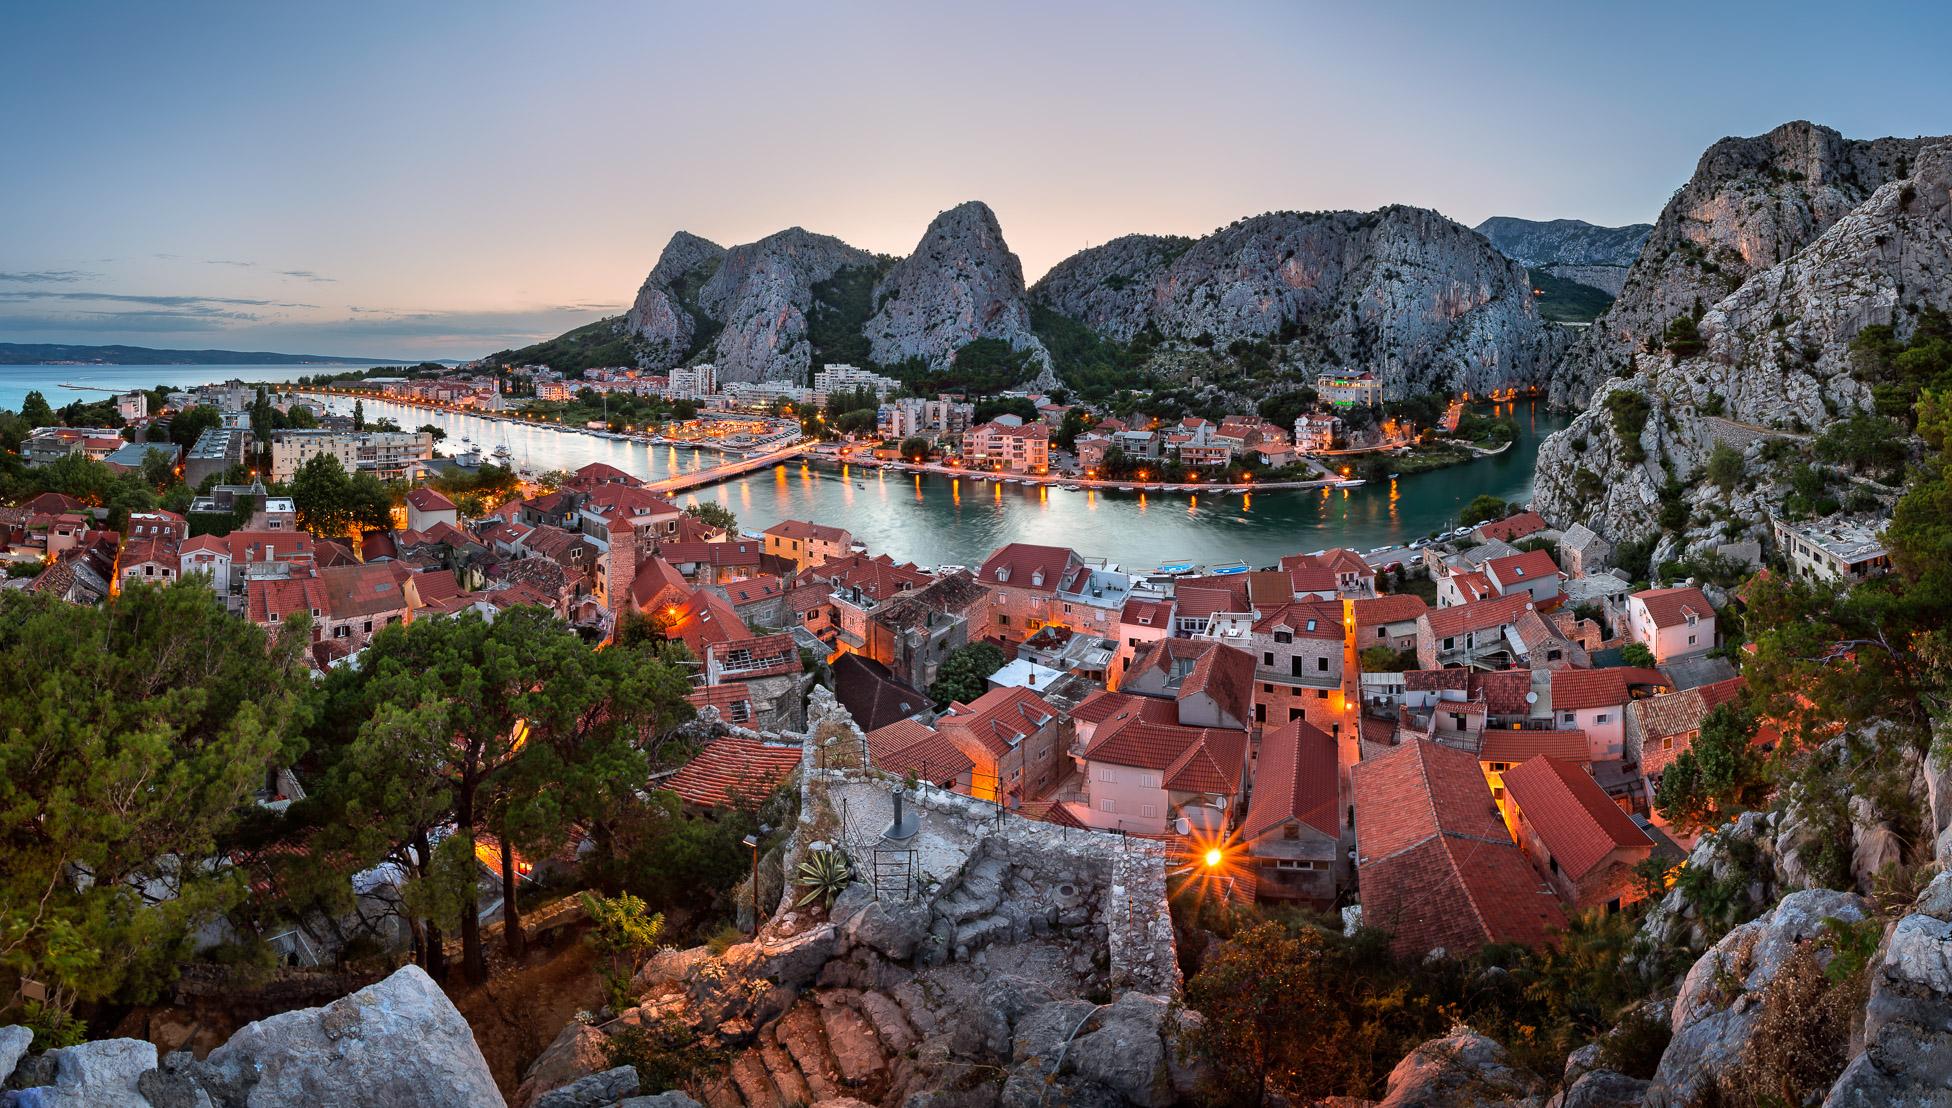 Omis, Croatia Destinations Pinterest